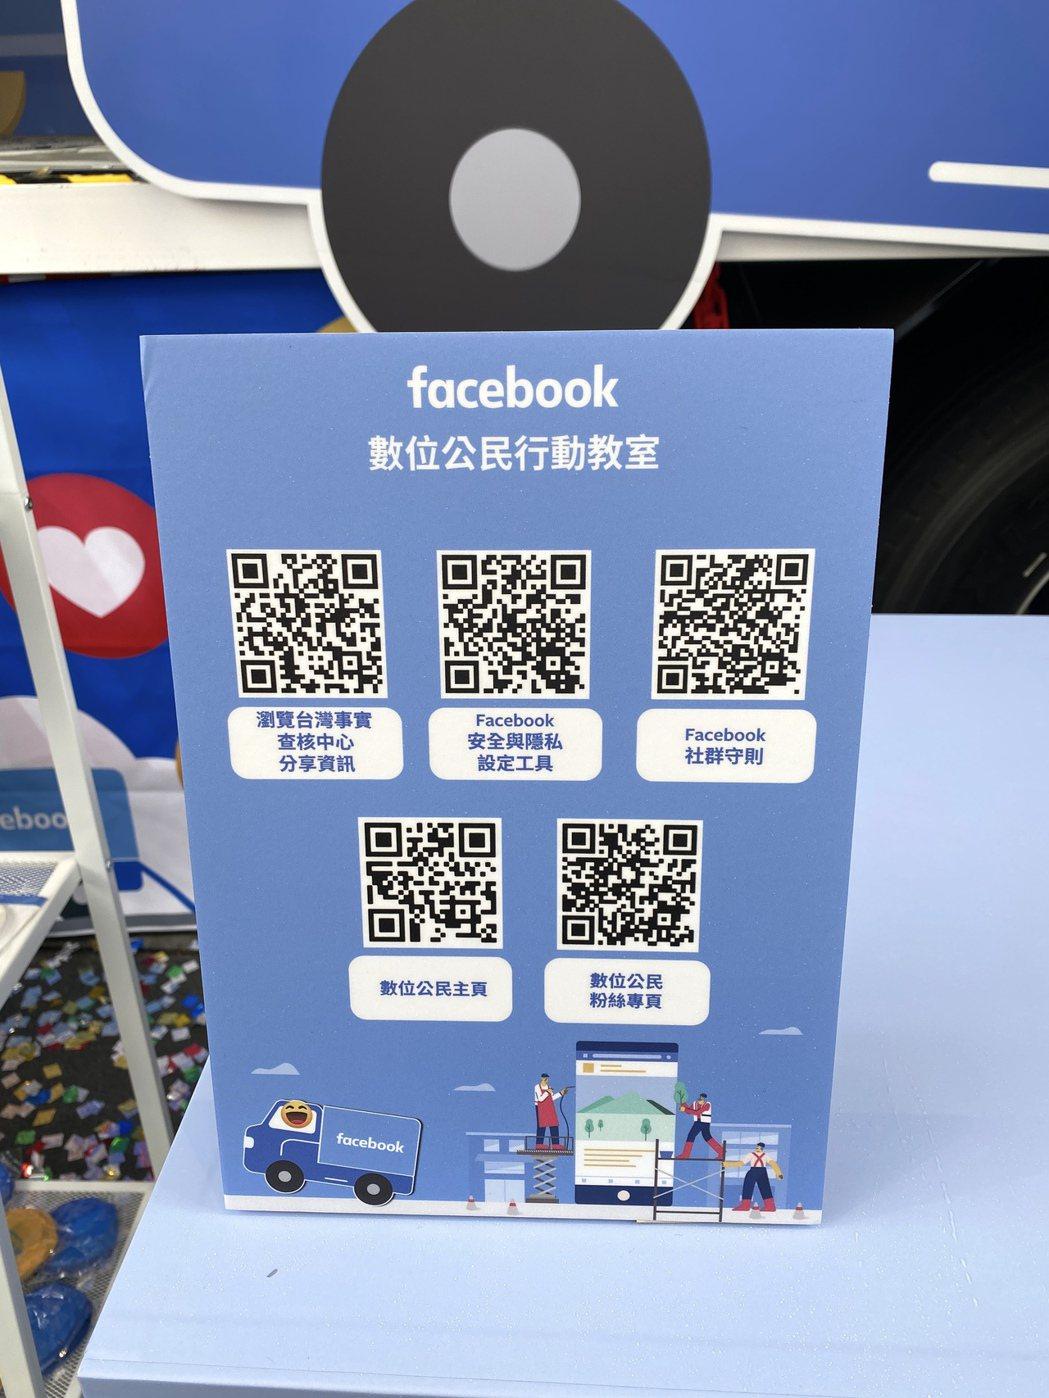 Facebook在台推出「數位公民(We Think Digital)」培育計畫...